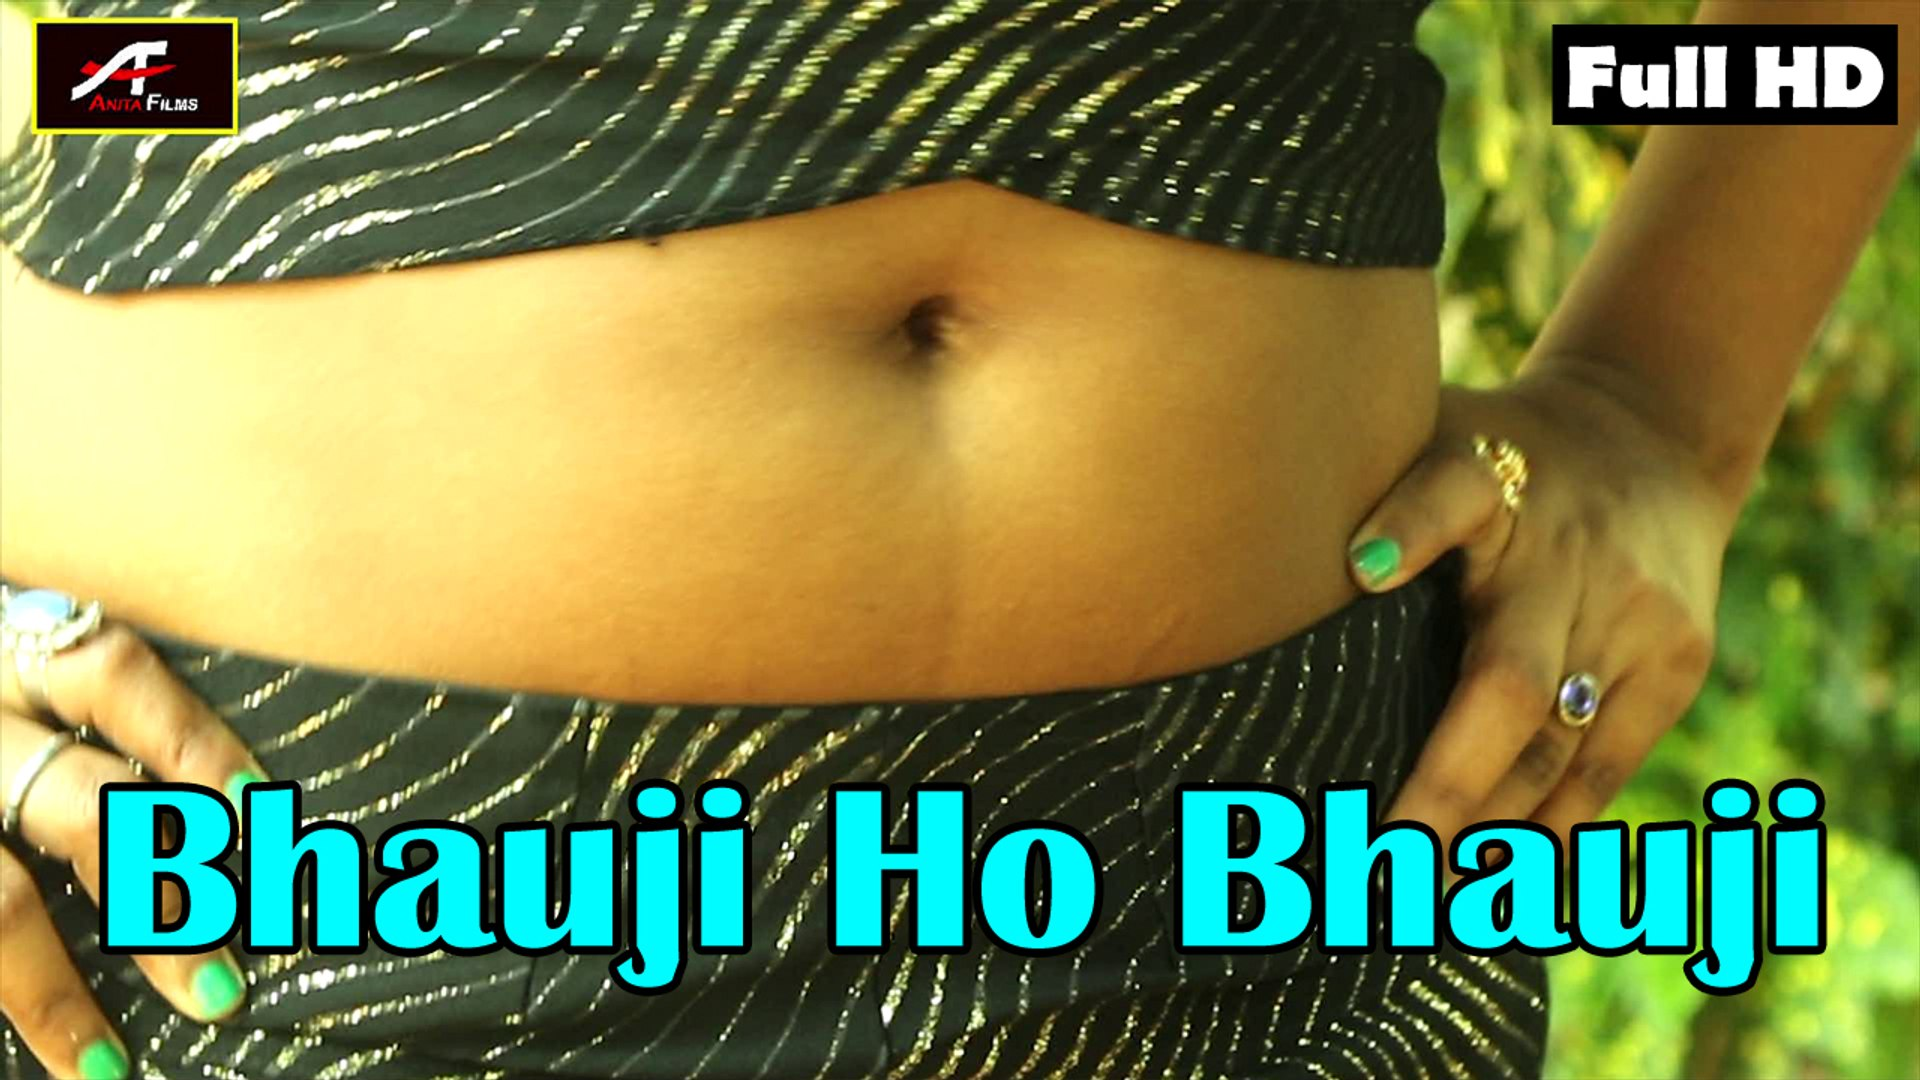 2015-2016 New-Bhojpuri Hot & Sexy Songs-भौजी हो भौजी ★Bhauji Ho Bhauji★ Bishun Bind Bihari-FULL